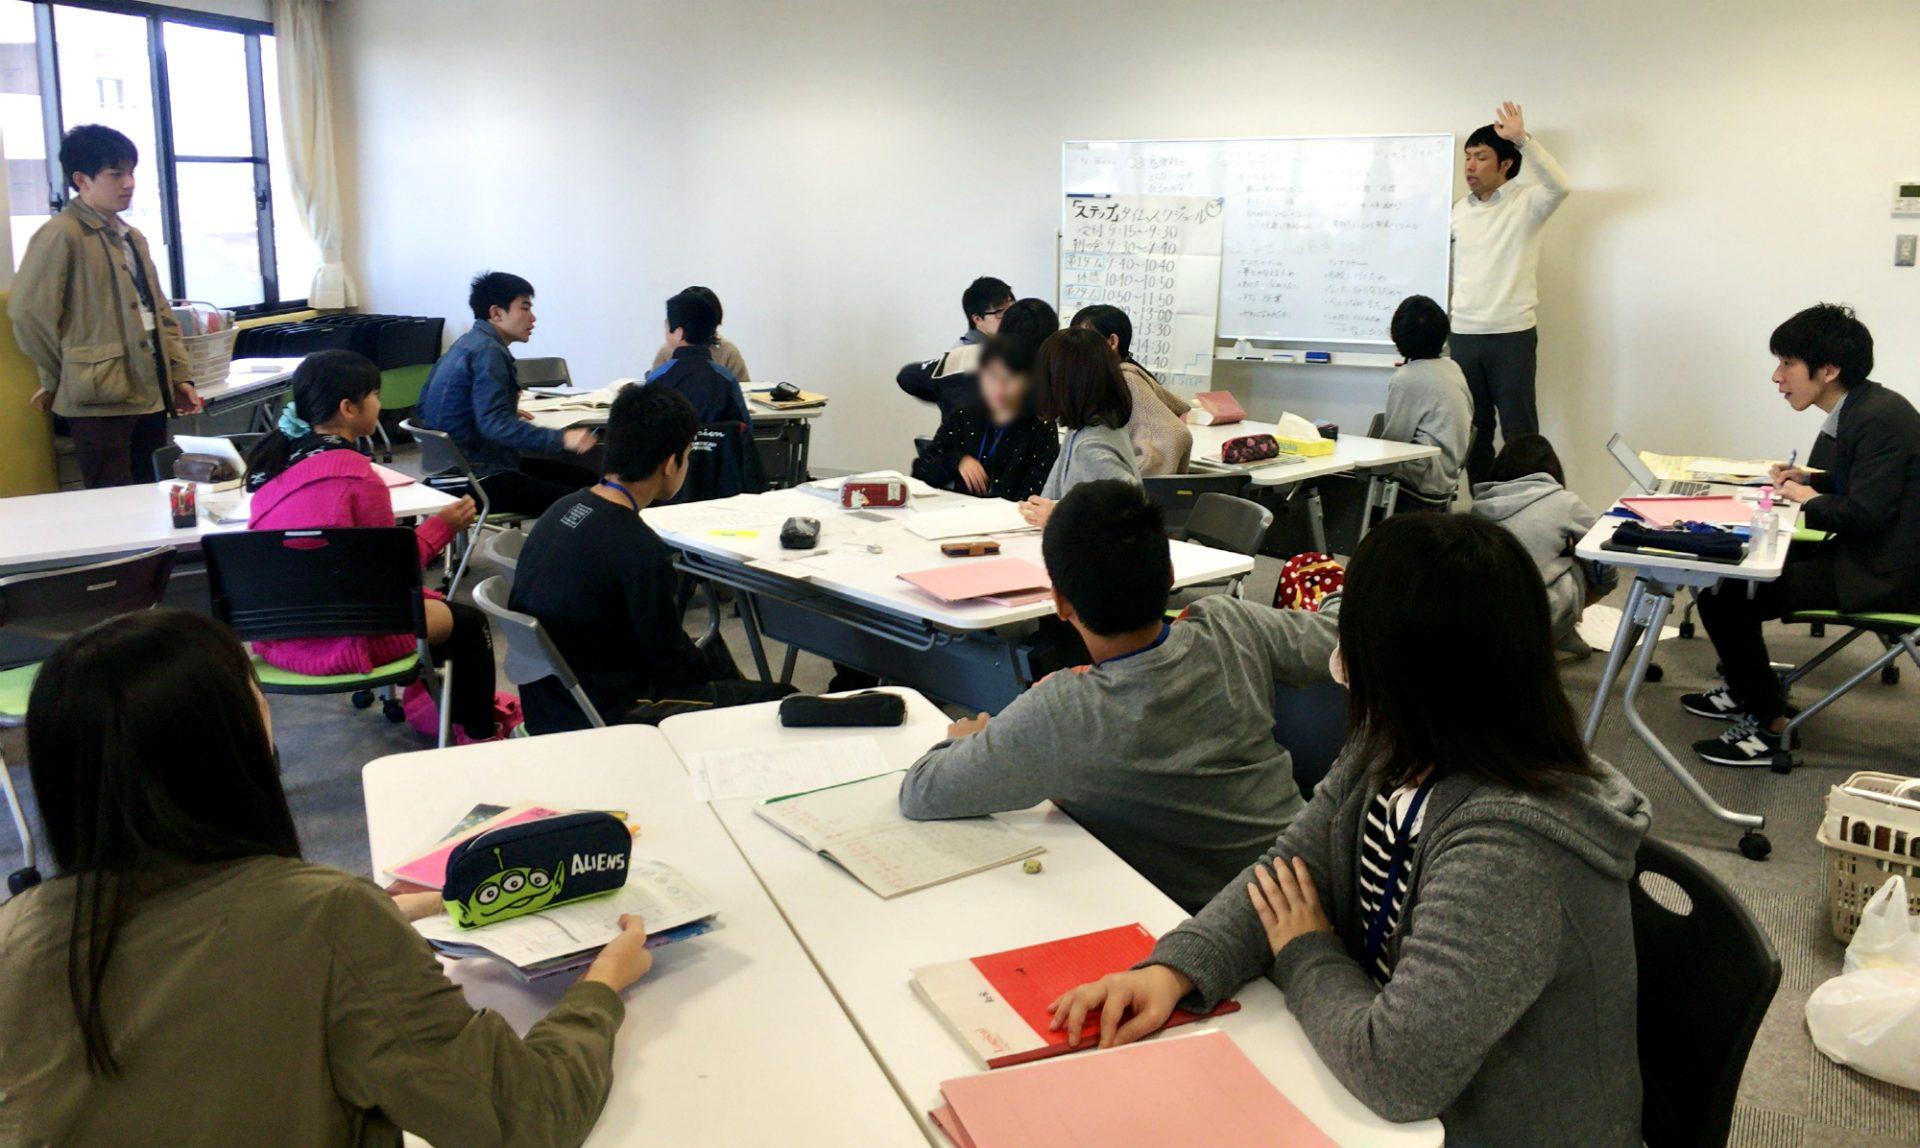 愛知県高浜市の中学生・高校生を対象とした学習等支援事業「ステップ」の様子